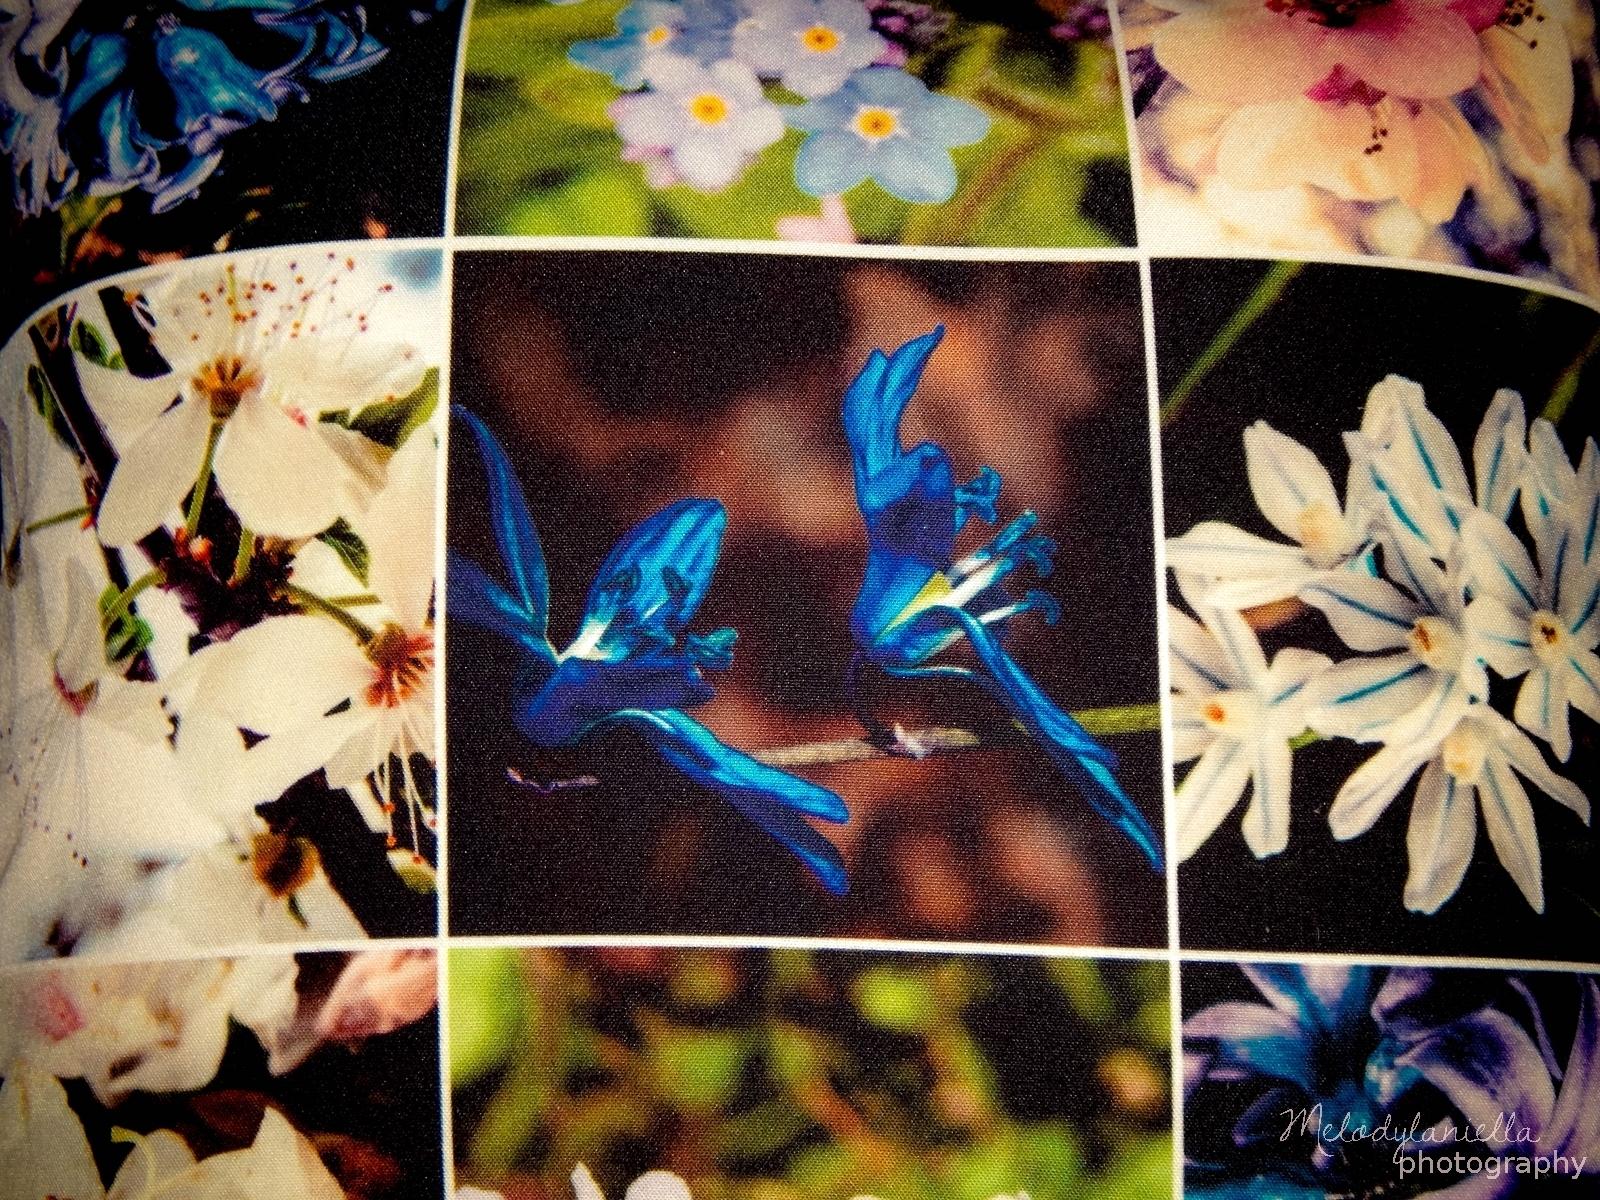 projektogram poduszka z własnym zdjęciem zaprojektuj swoją poduszkę zdjęcia instagram fotografia prezenty dla fotografów zakochani w zdjeciach wspomnienia z wakacji na poduszcze pillow photos aplikacja instagram